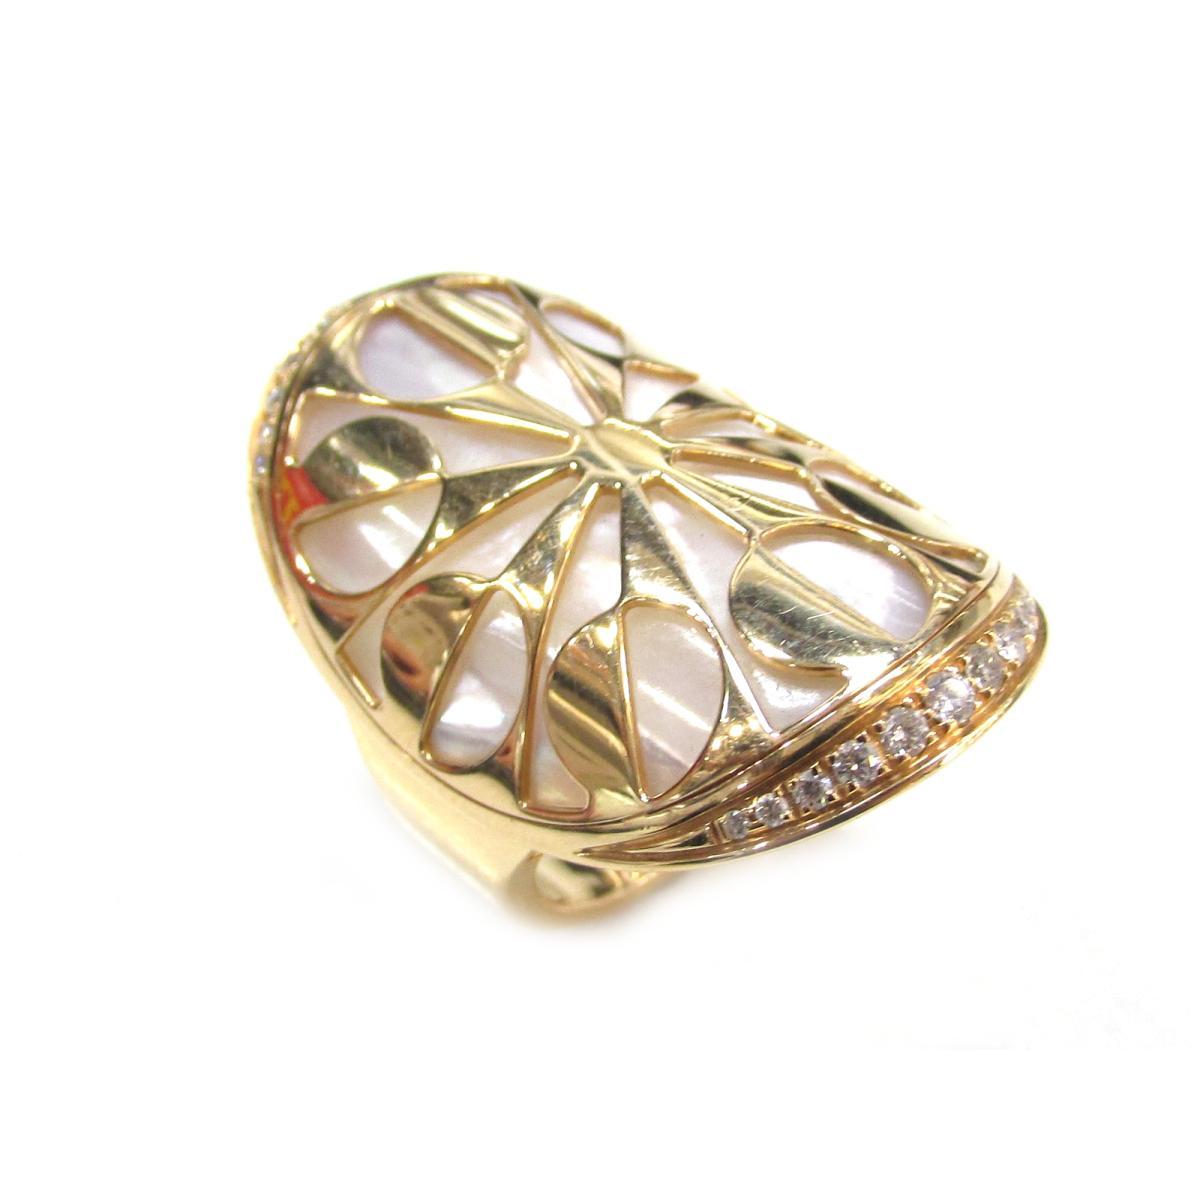 【中古】 ブルガリ シェルインタルシオリング ダイヤモンド 指輪 レディース K18PG (750) ピンクゴールド × ダイヤモンド × マザーオブパール | BVLGARI リング K18 18K 18金 シェルインタルシオリング 美品 ブランドオフ BRANDOFF